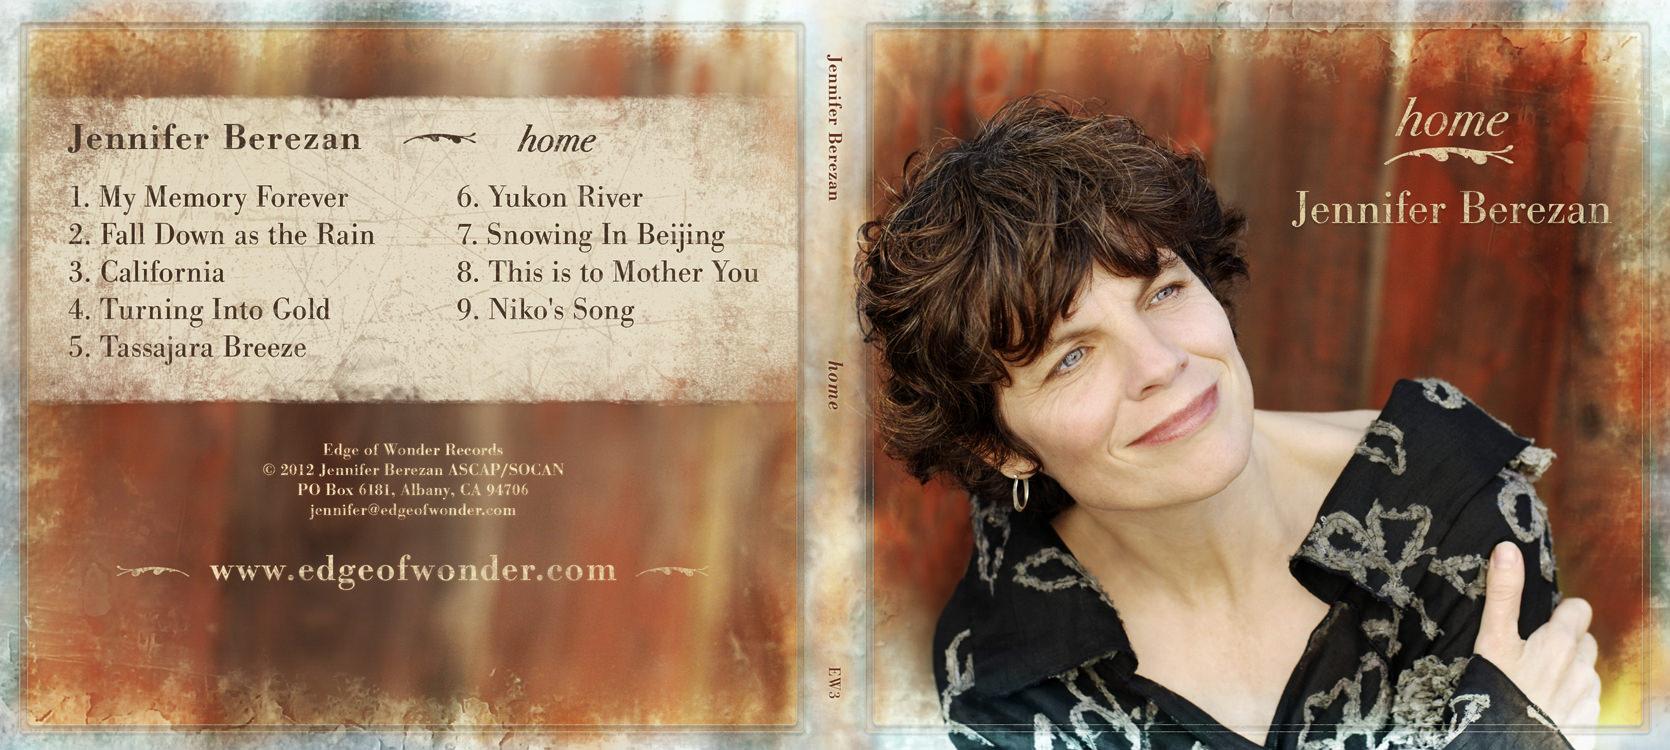 Jennifer Berezan, Home